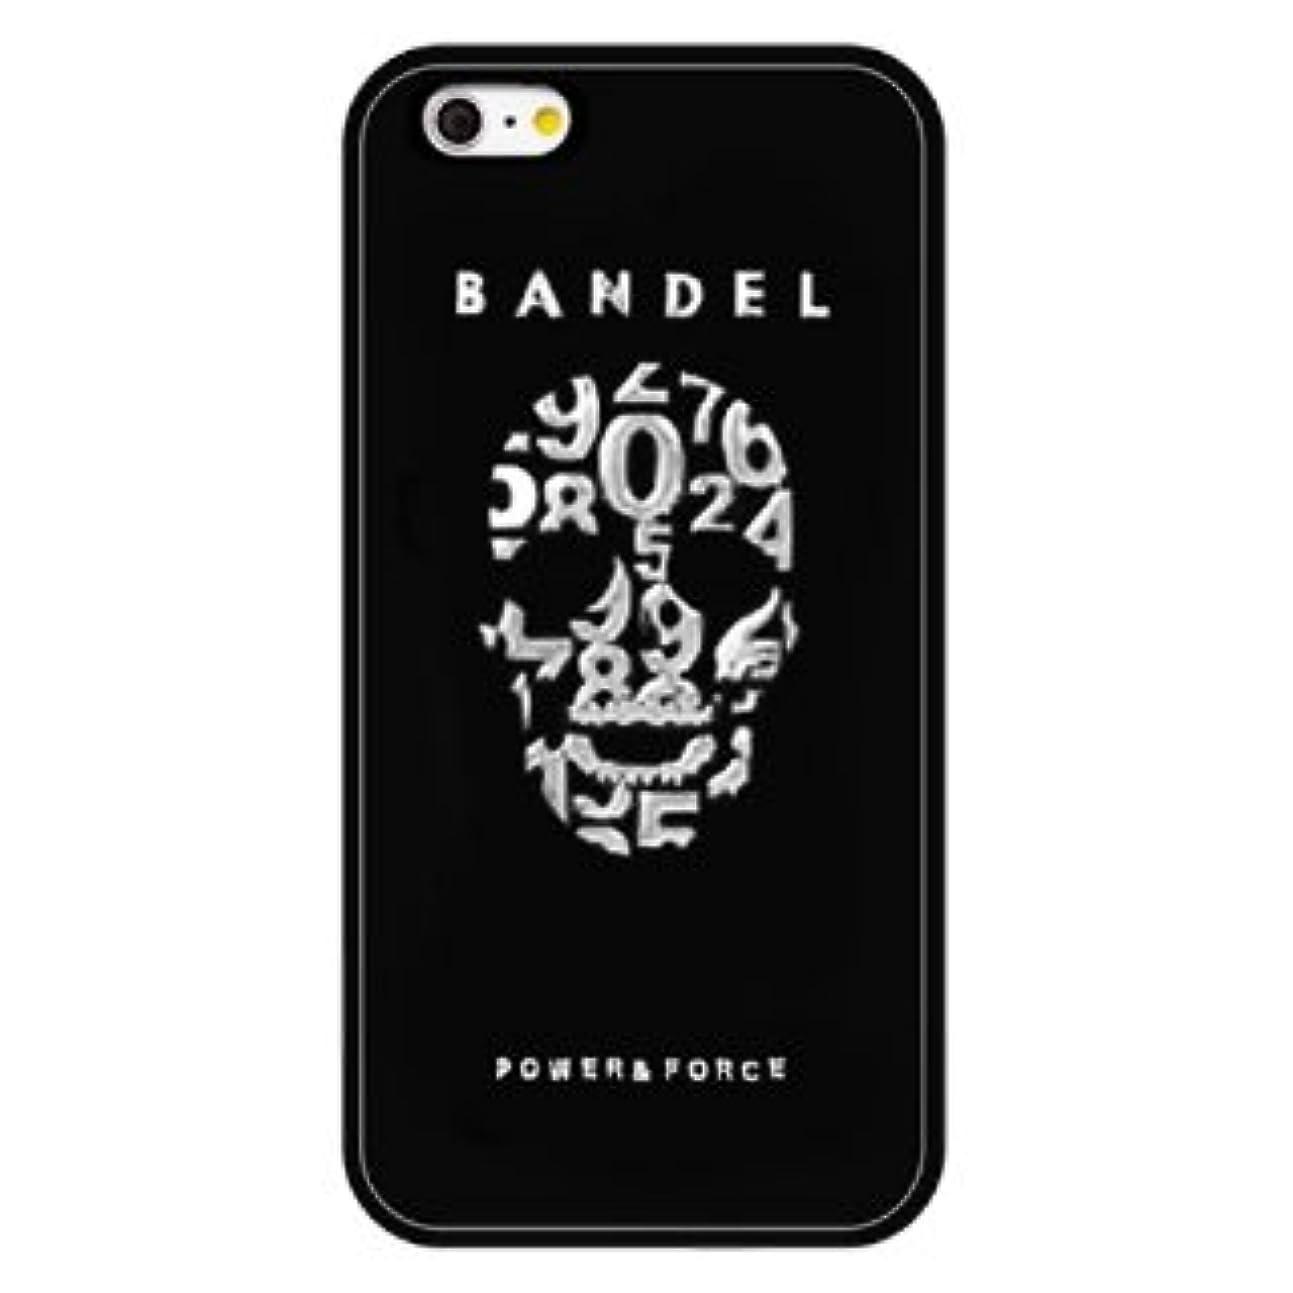 ジェム責任者鳴り響くバンデル(BANDEL) スカル iPhone 7専用 シリコンケース [ブラック×シルバー]